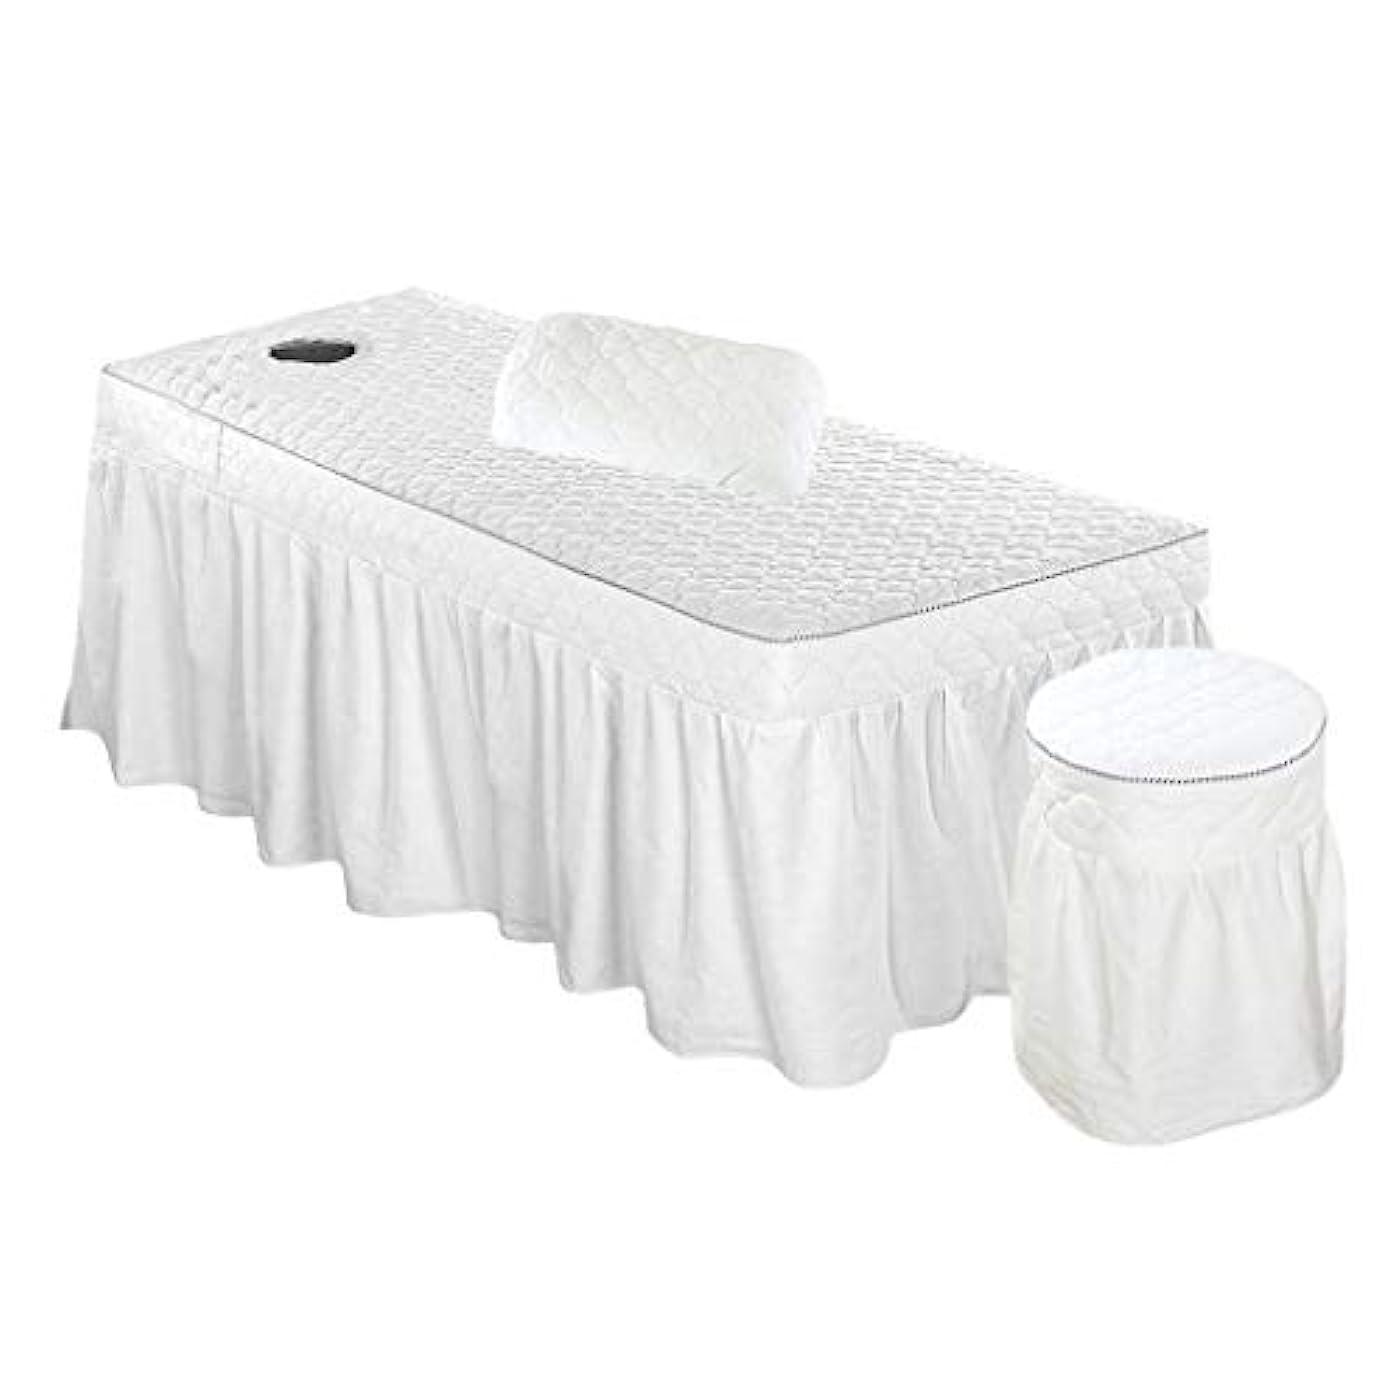 ホット簡単に動かすスパ マッサージベッドカバー+スツールカバー+枕カバー 有孔 綿製 3枚セット - ホワイト